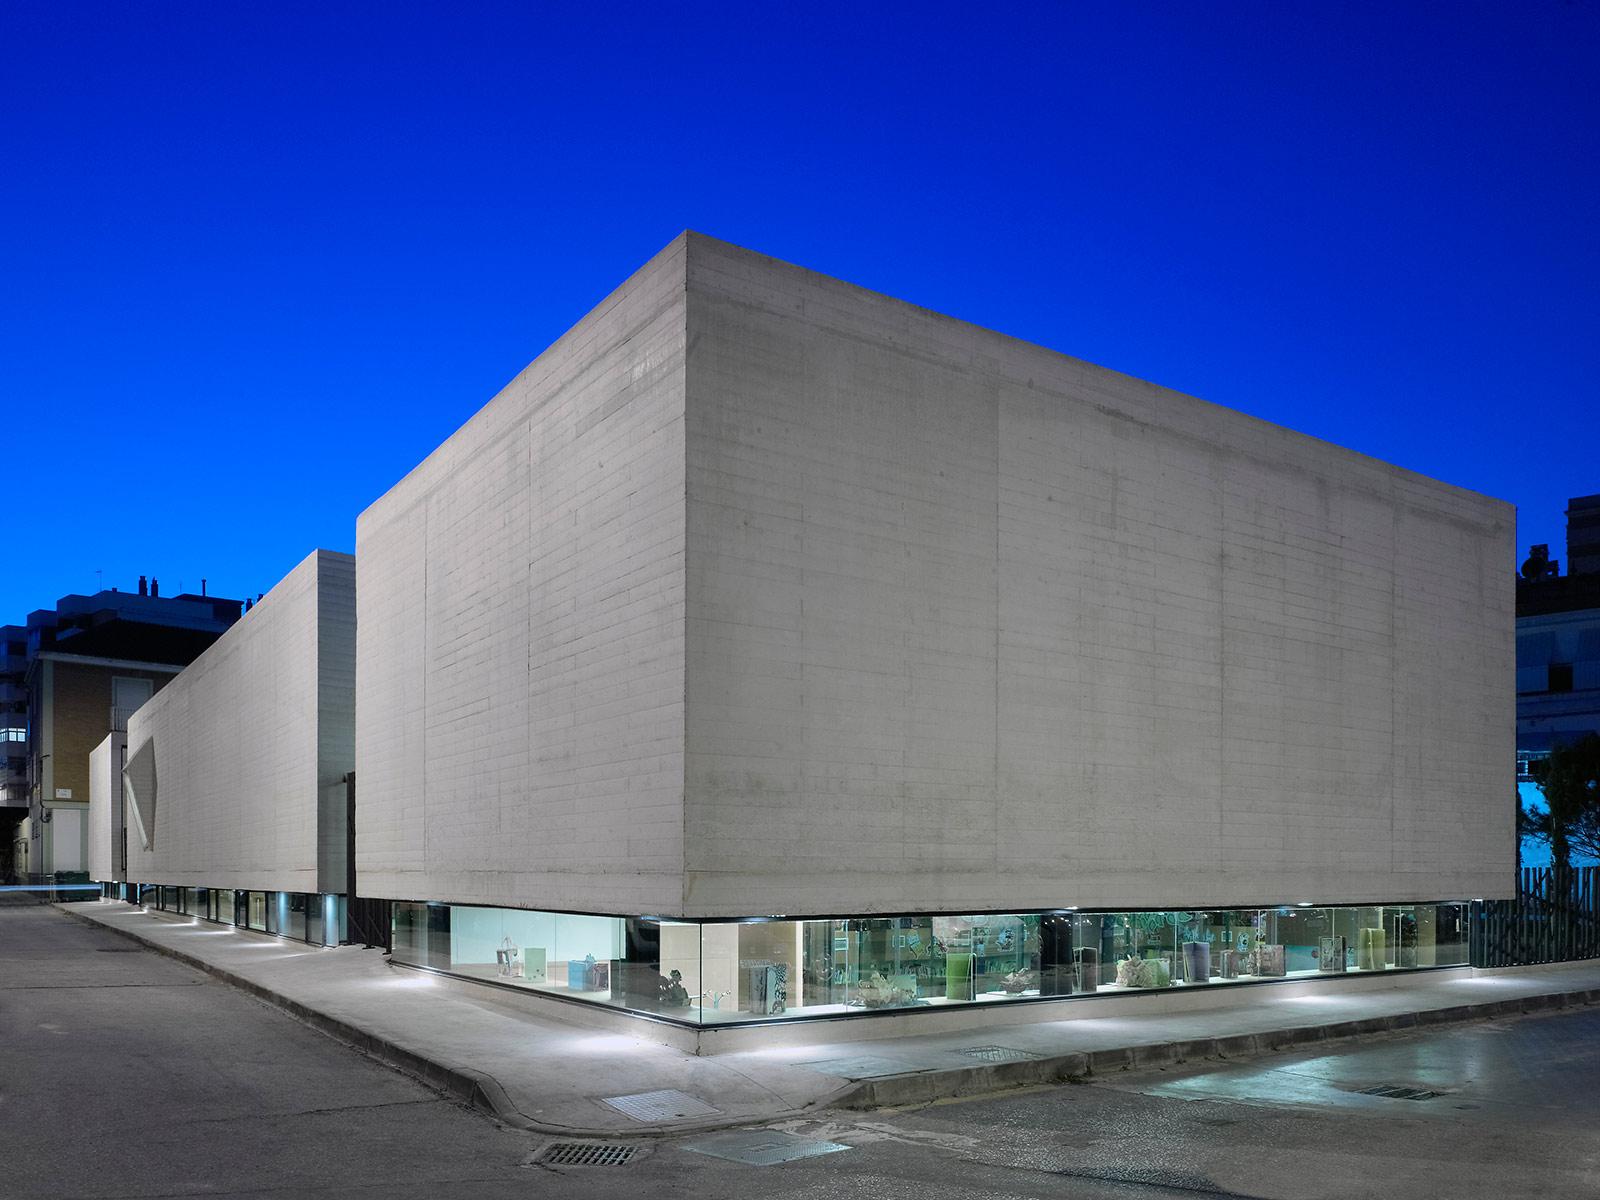 Malaga arquitectura gu a de arquitectura contempor nea - Arquitectos malaga ...